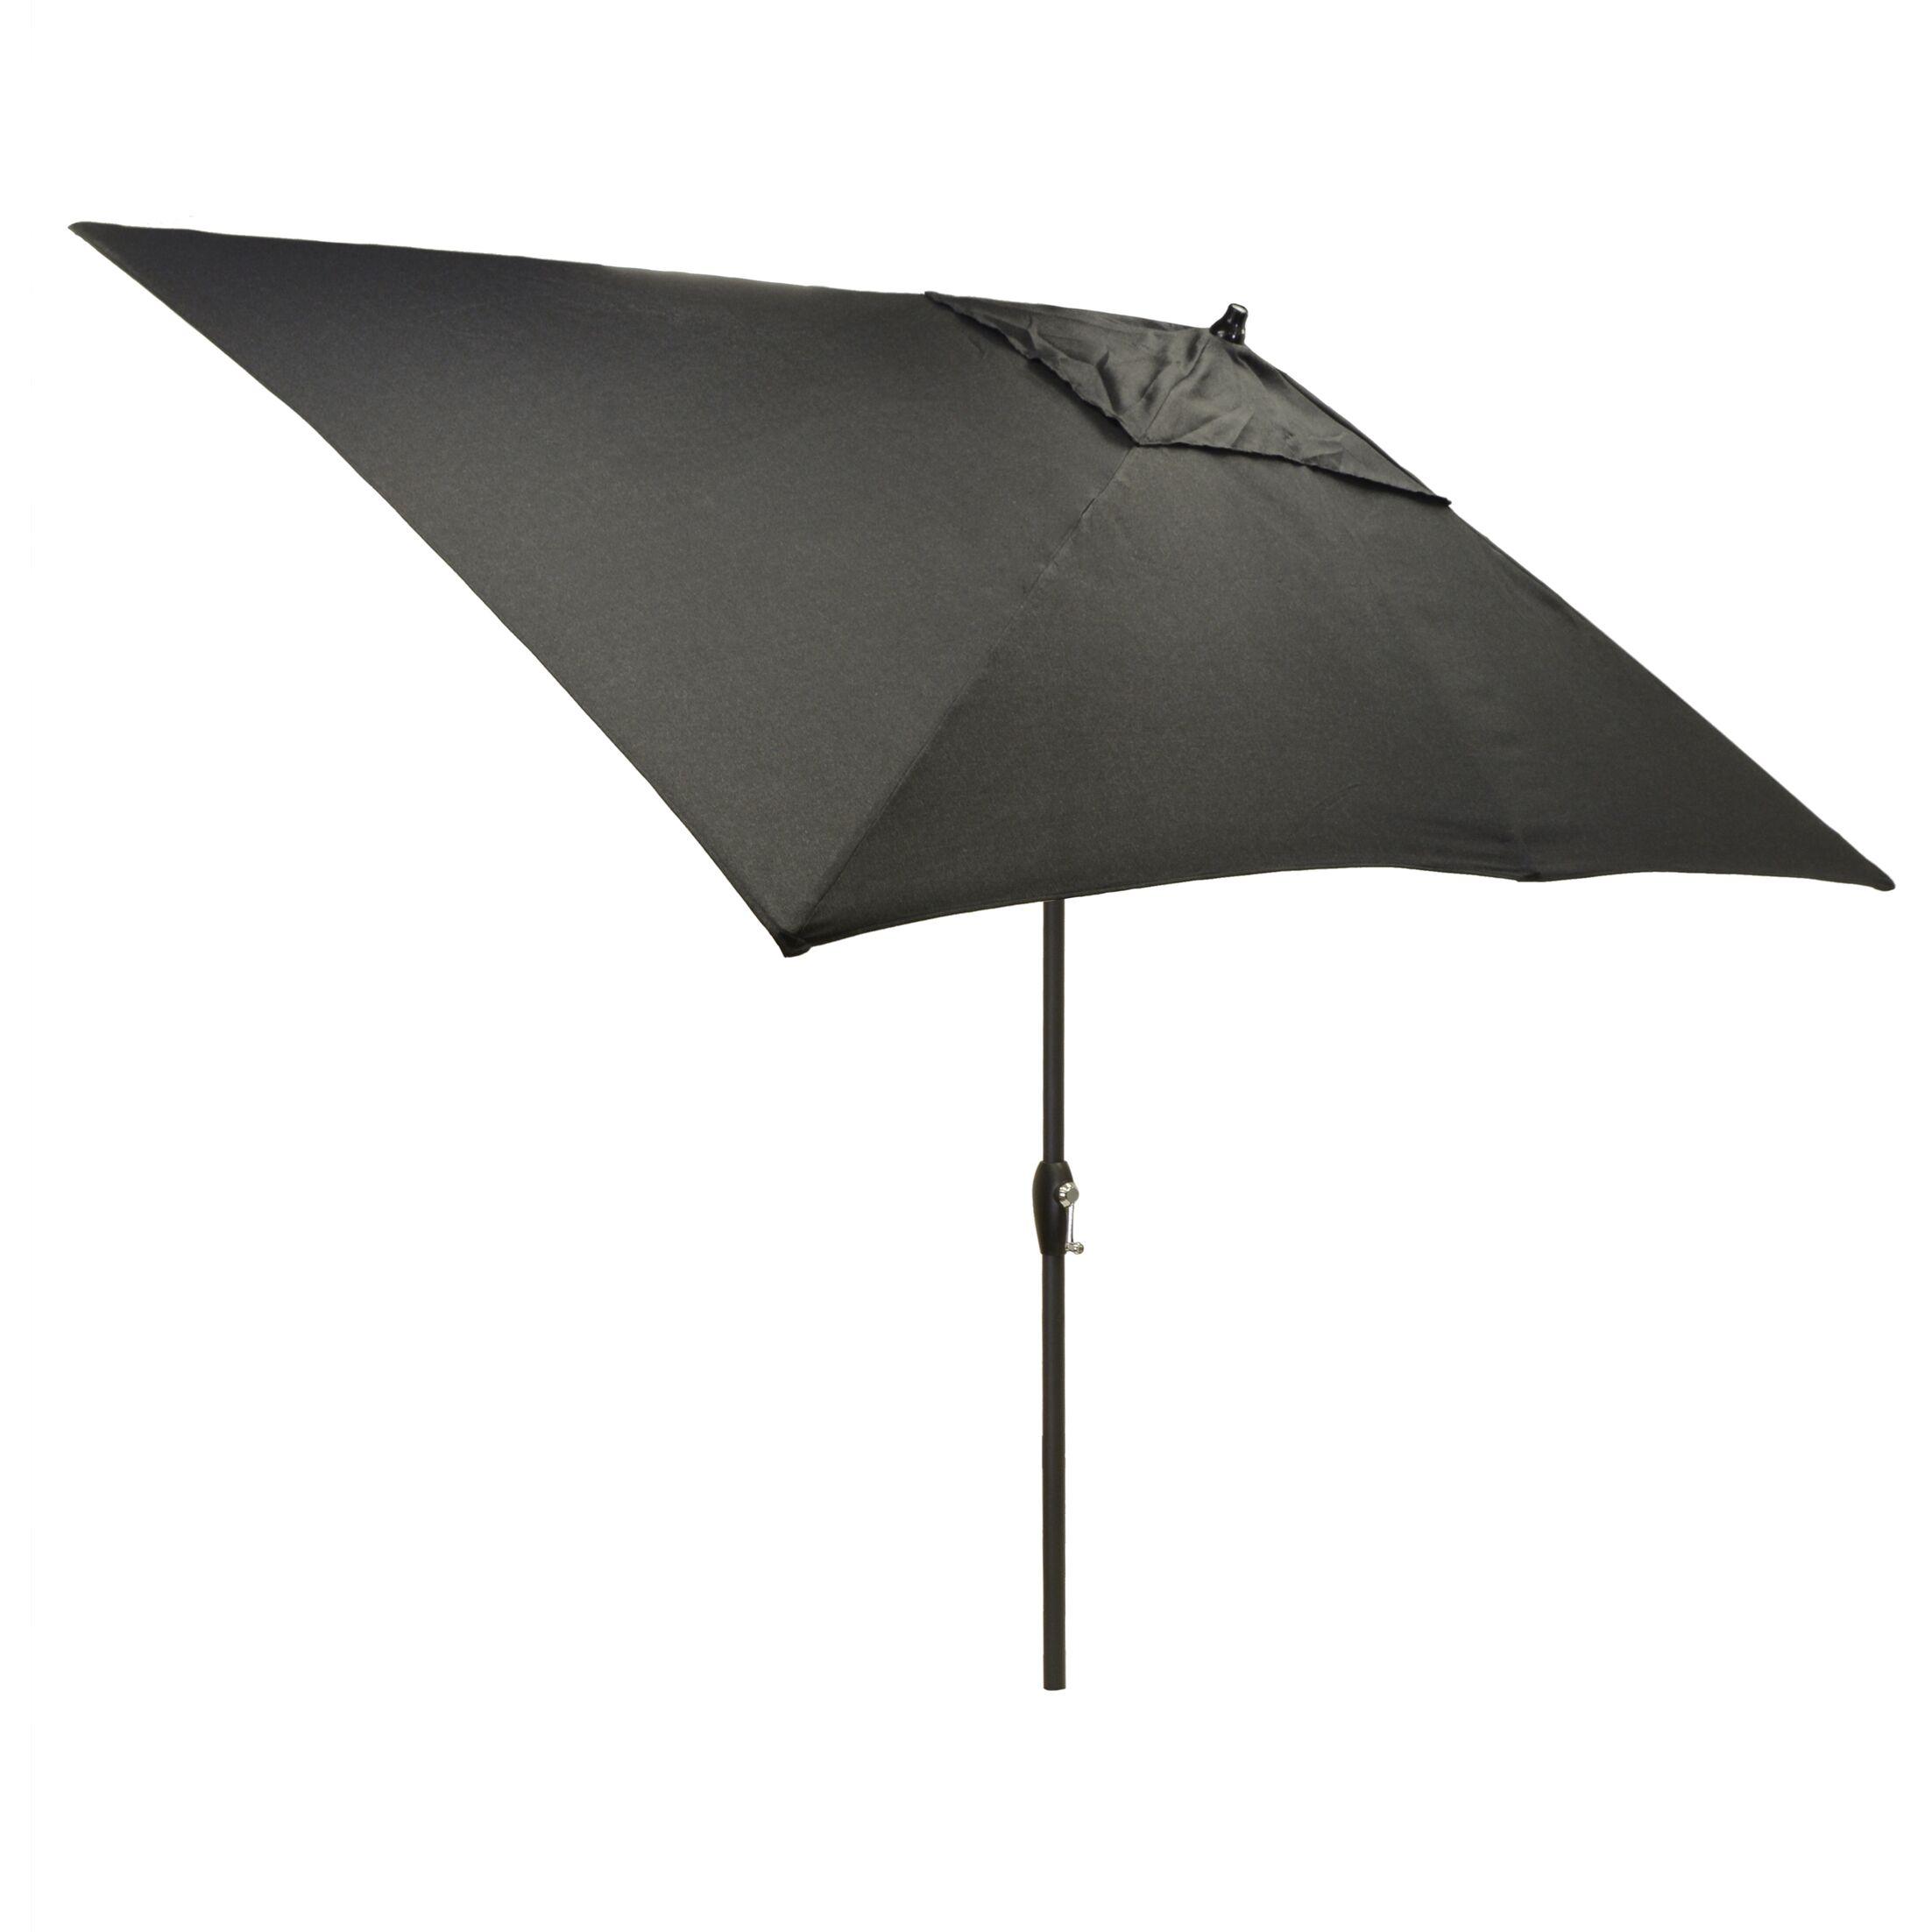 Hulme Solid 6.5' x 10' Rectangular Market Umbrella Fabric Color: Black